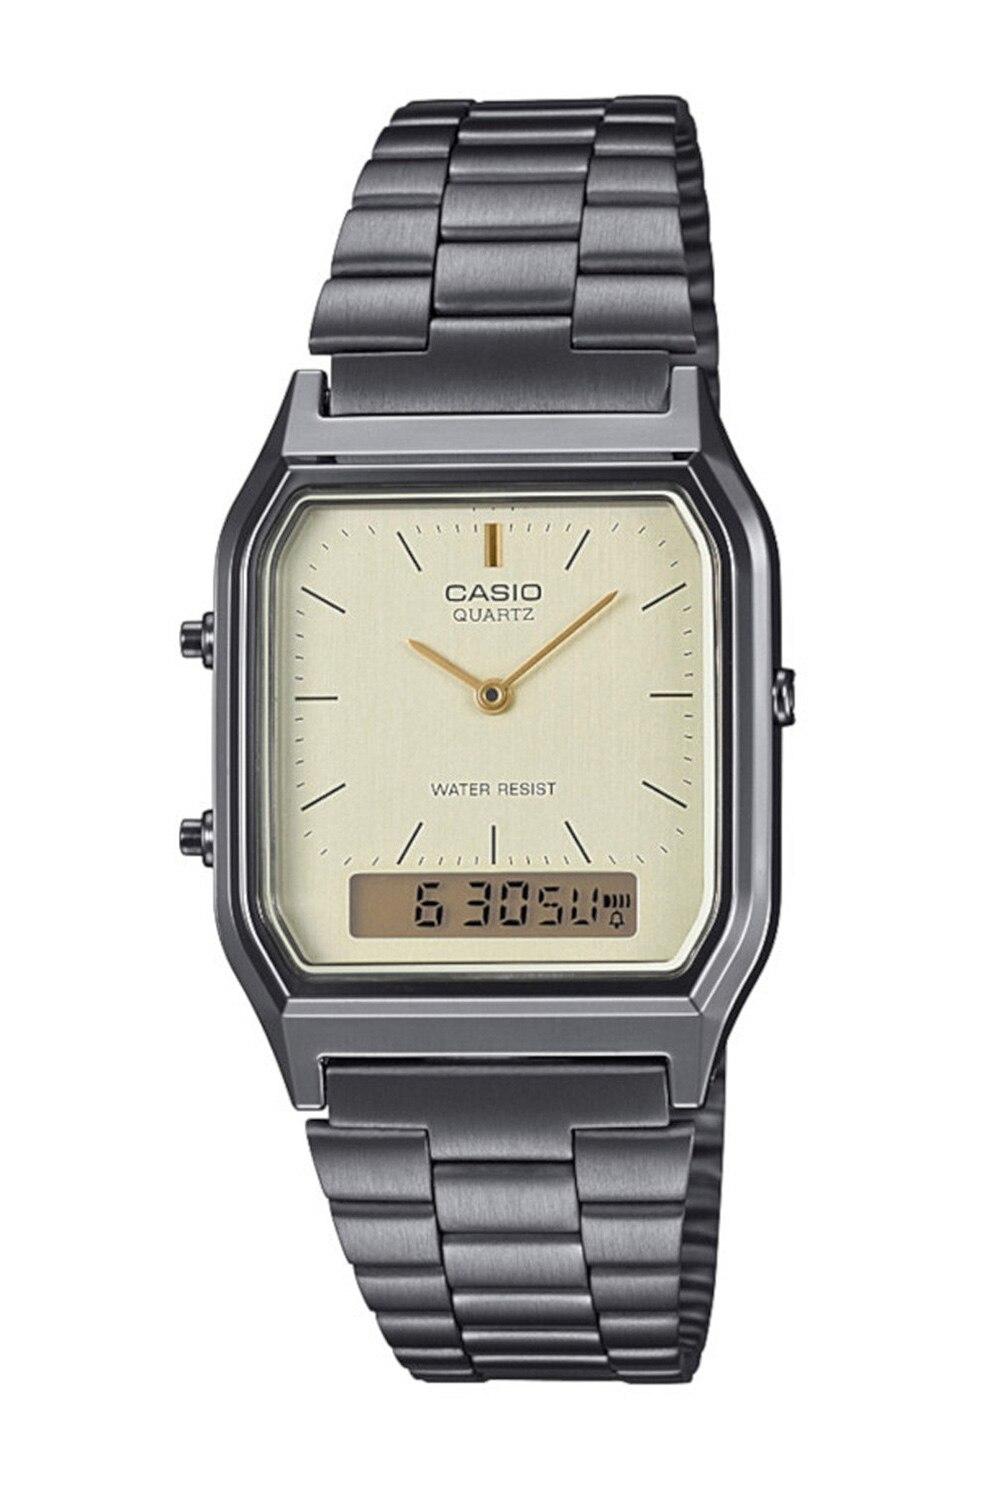 Fotografie Casio, Ceas din otel inoxidabil, Argintiu inchis